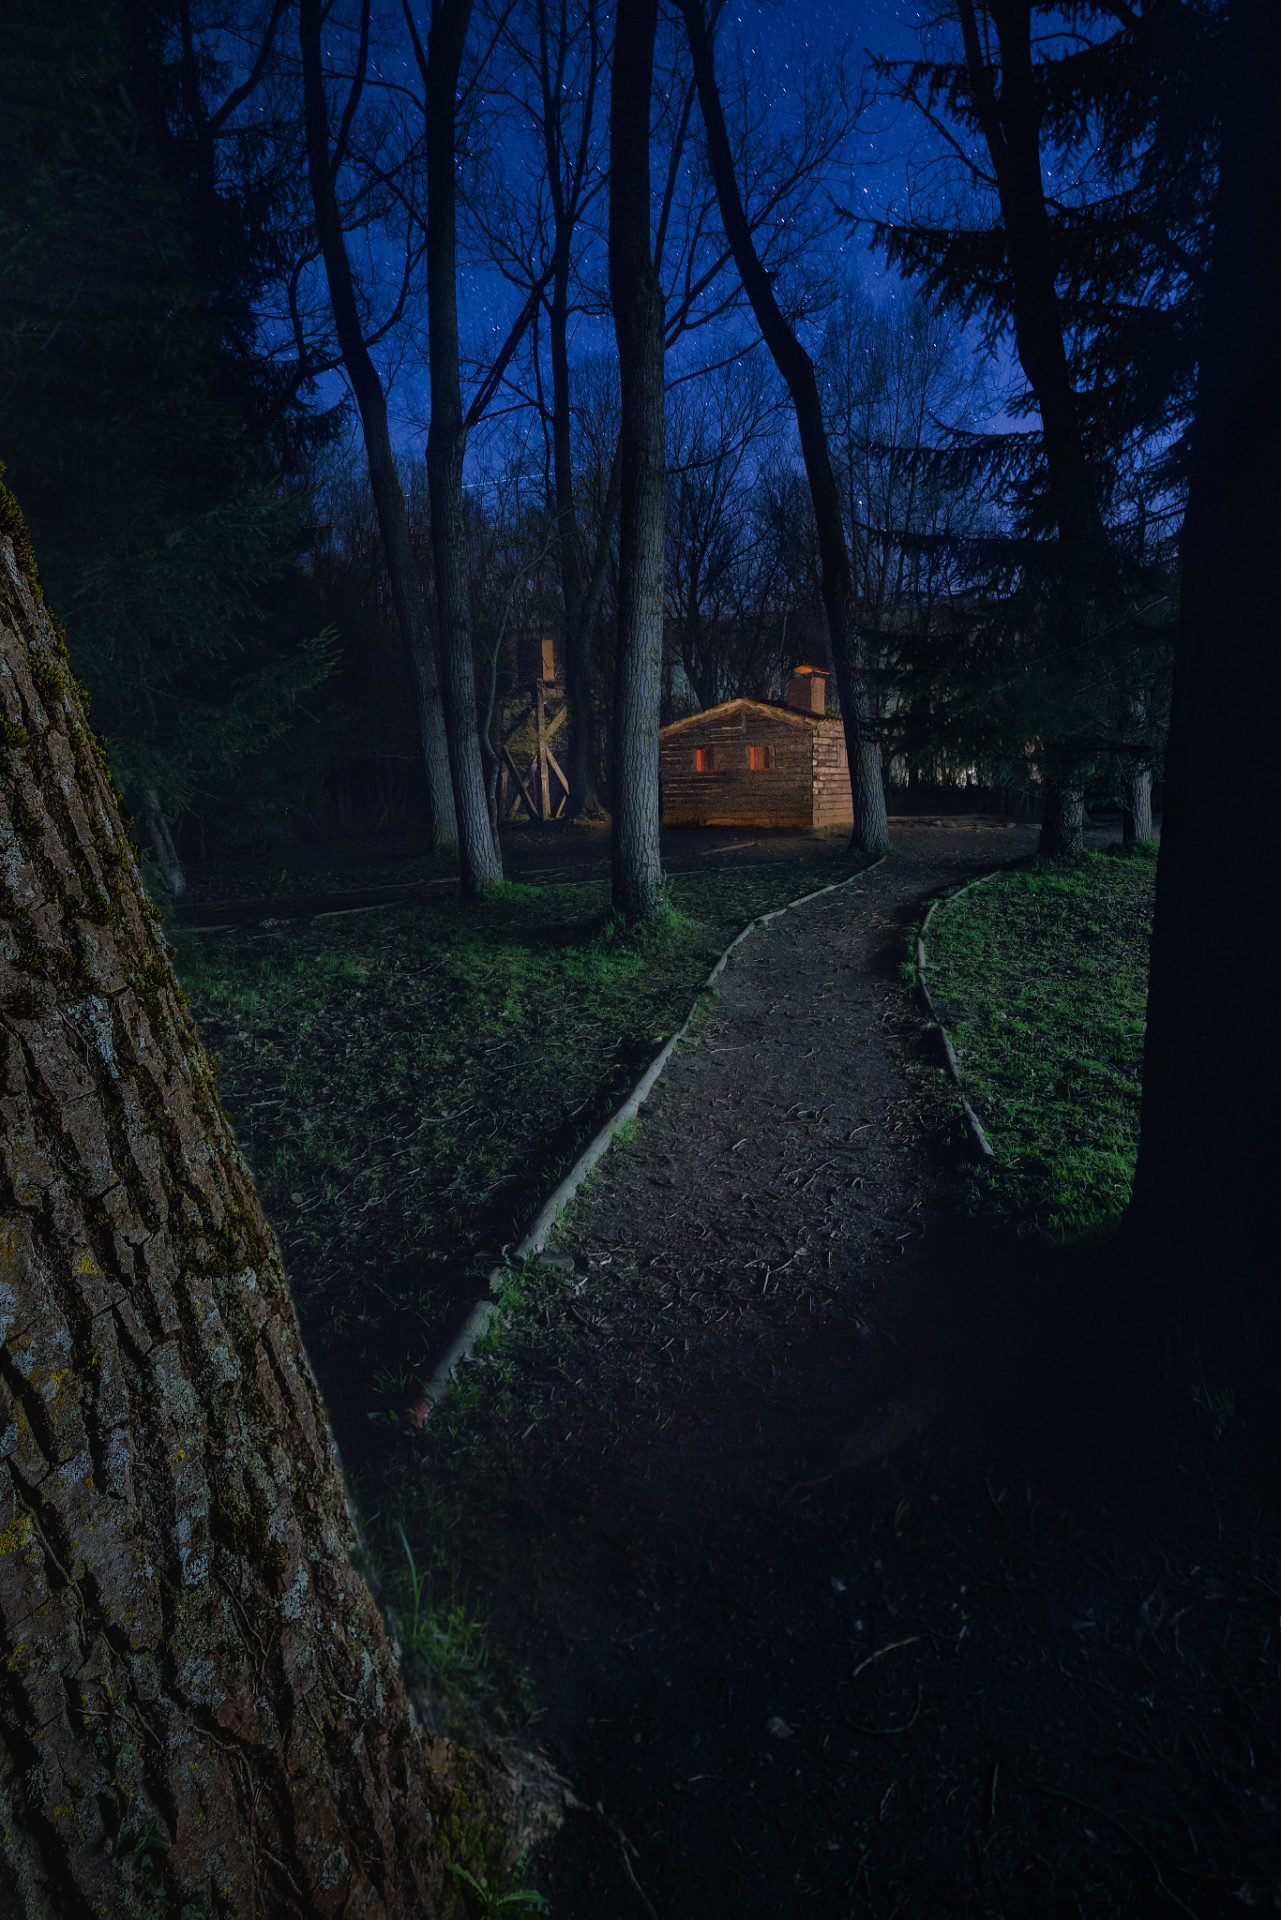 La casita de la muñeca de chocolate. Fotografía nocturna